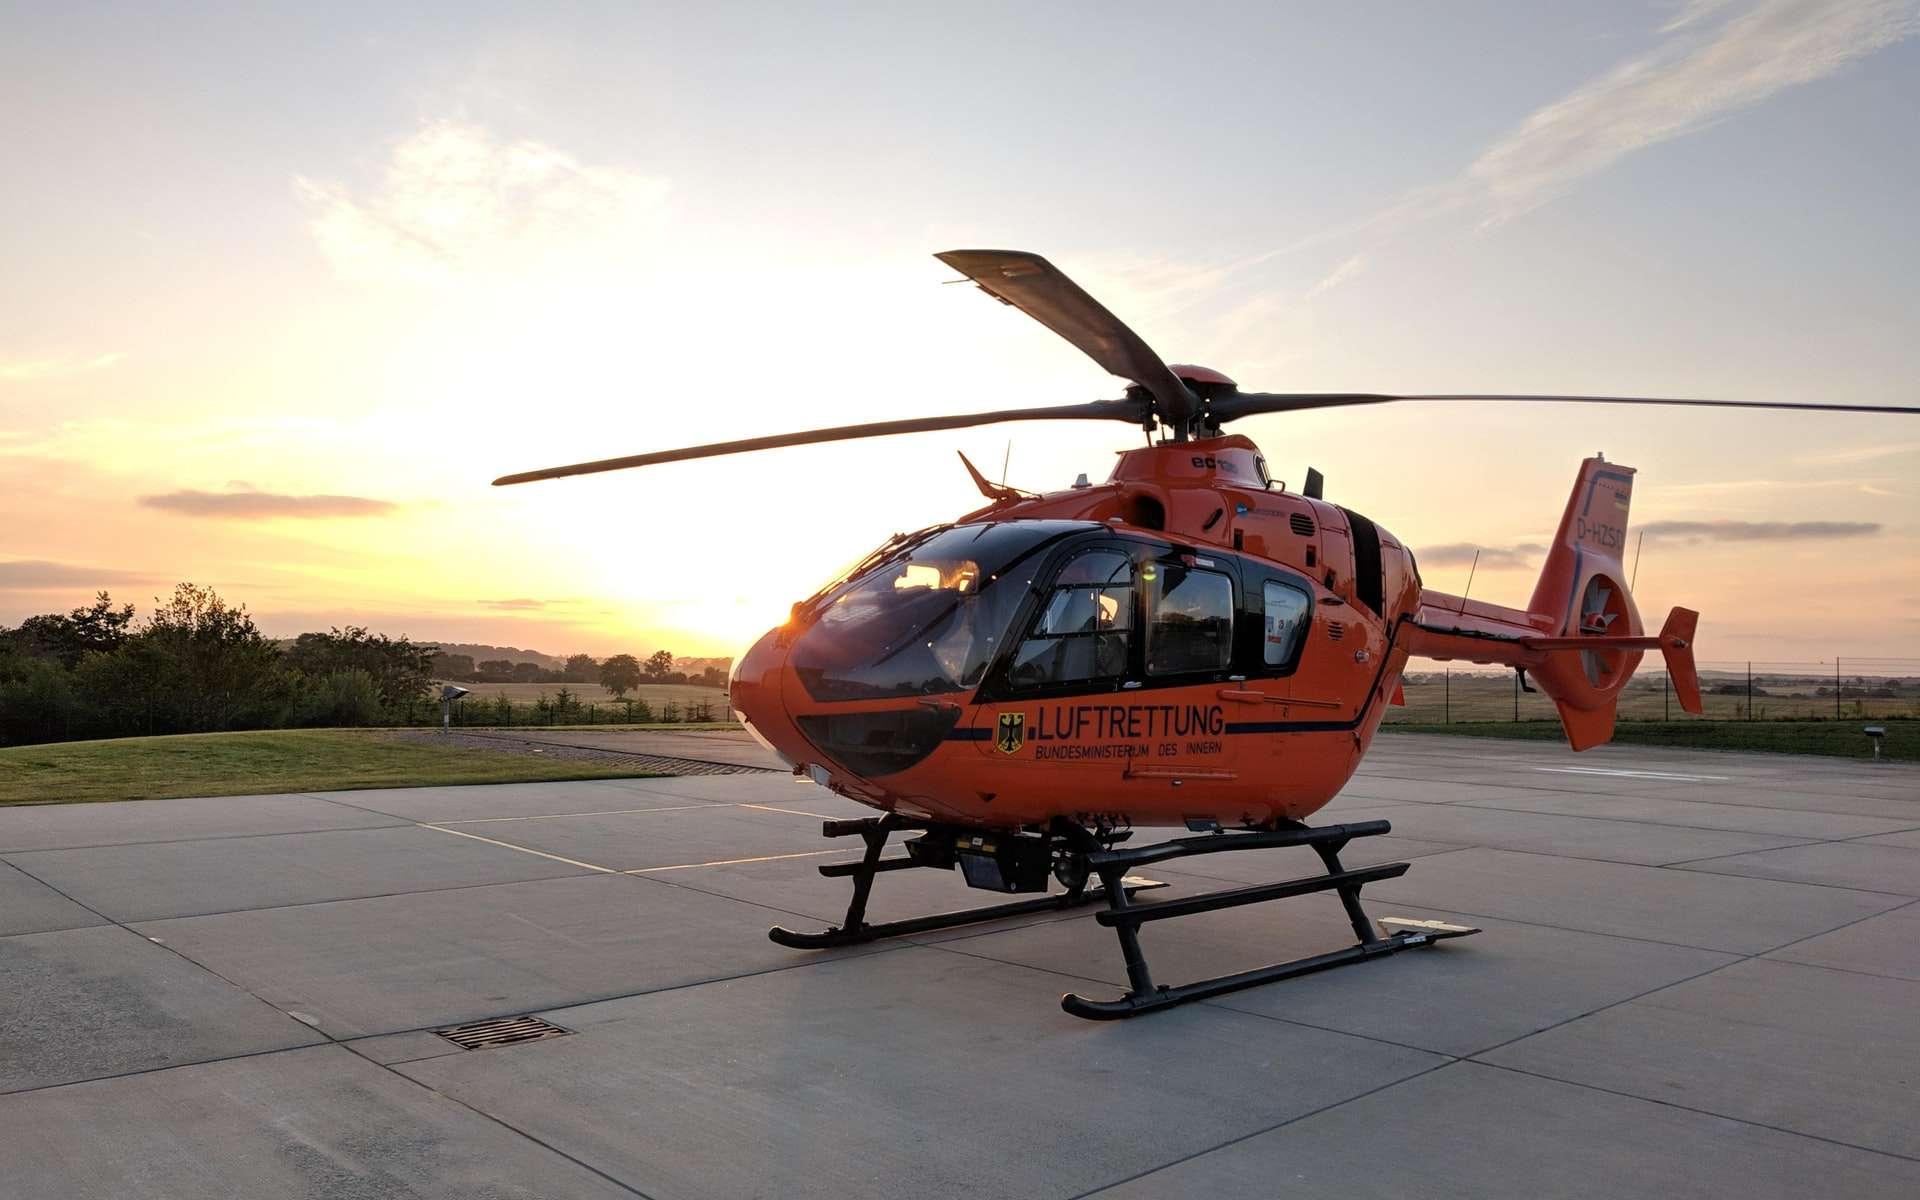 Conseils pour bien préparer son vol d'initiation en hélicoptère. © Phil W, Unsplash